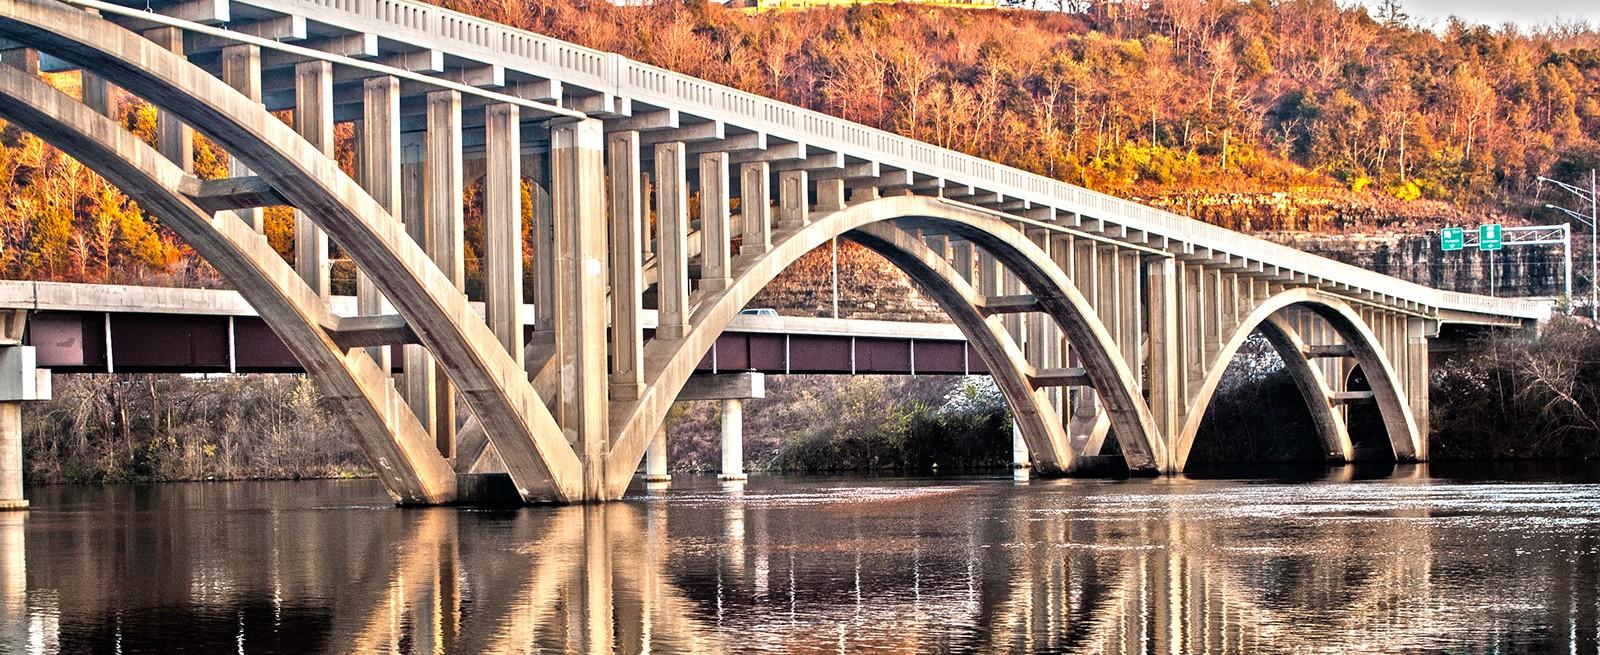 Bridge-resized